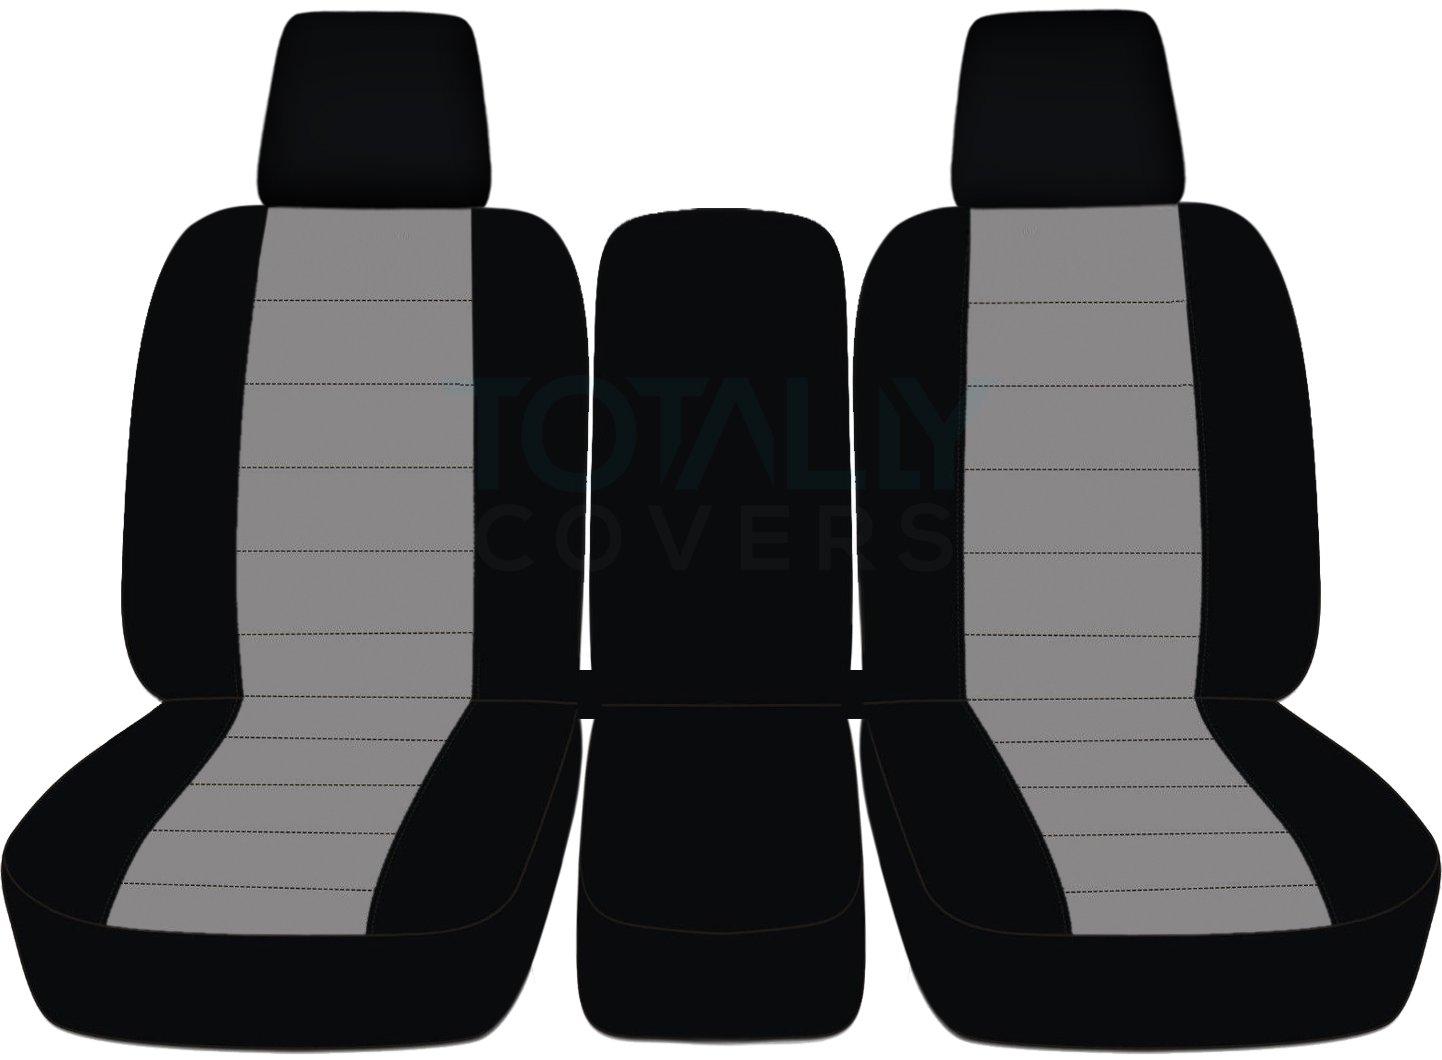 2004 – 2008フォードF - 150ツートンカラートラックシートカバー(フロント40 / 20 / 40分割ベンチ) センターコンソール/アームレスト、W / WO、シートベルト – フロント( 21色) 2005 2006 2007 Fシリーズf150 (右ハンドル車との互換性は保証いたしかねます) Solid Armrest グレイ TCCSCTT26-20-0408FF150424-SA B06XDVJ735 Solid Armrest|Black and Gray Black and Gray Solid Armrest